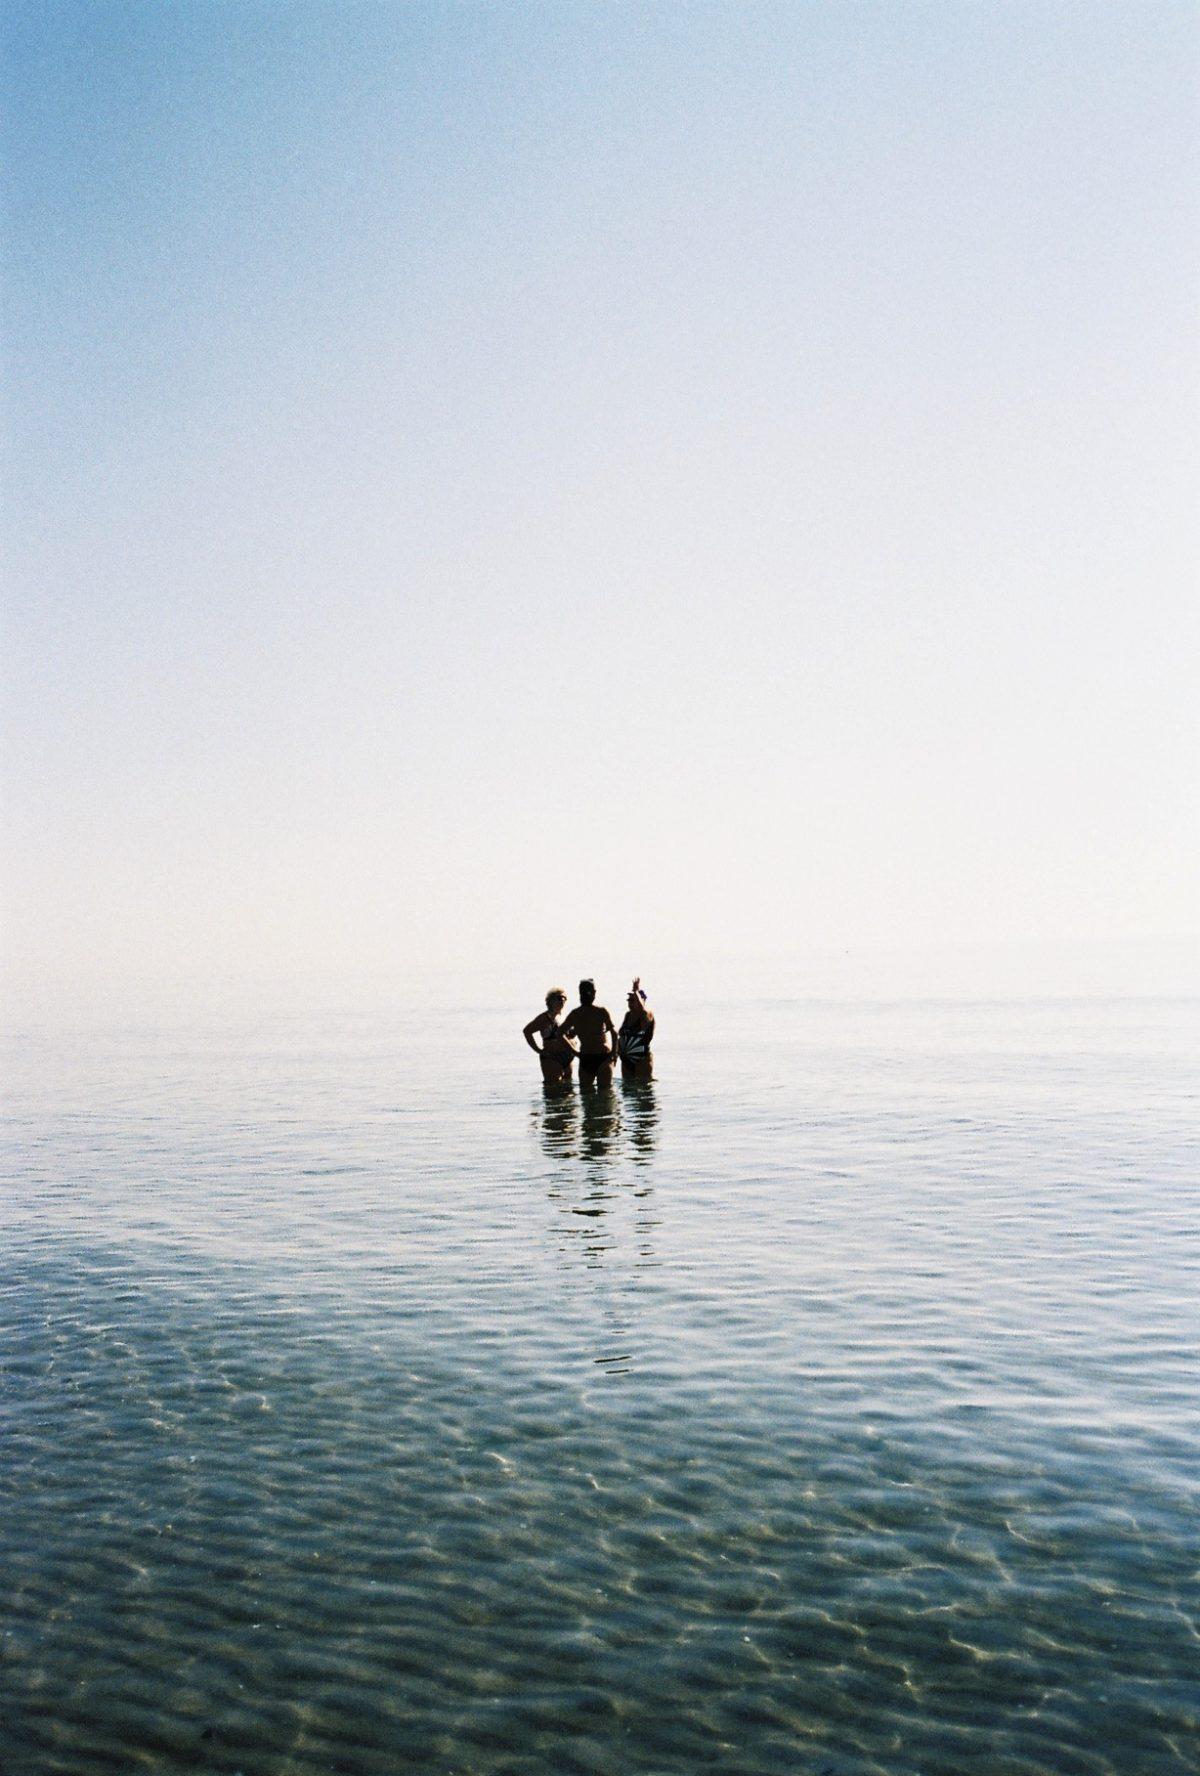 © Antonio Liverani